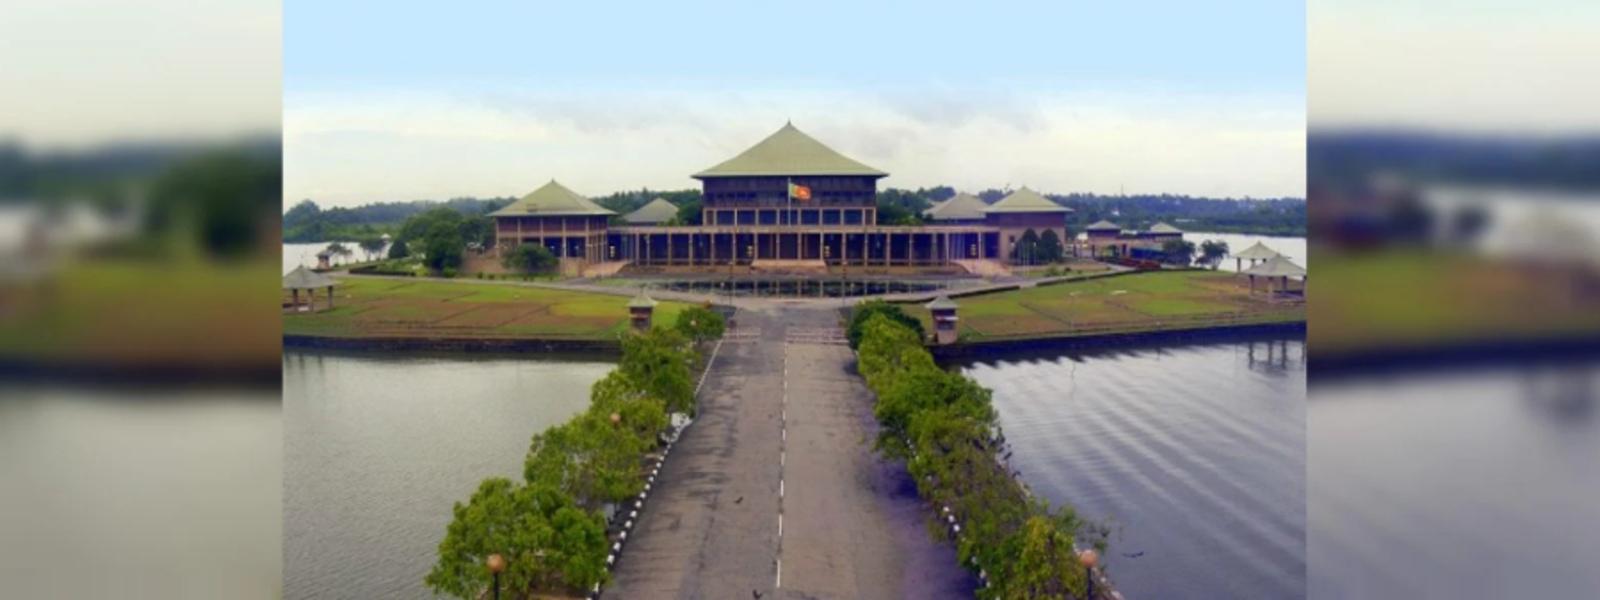 Registration of elected MPs via online